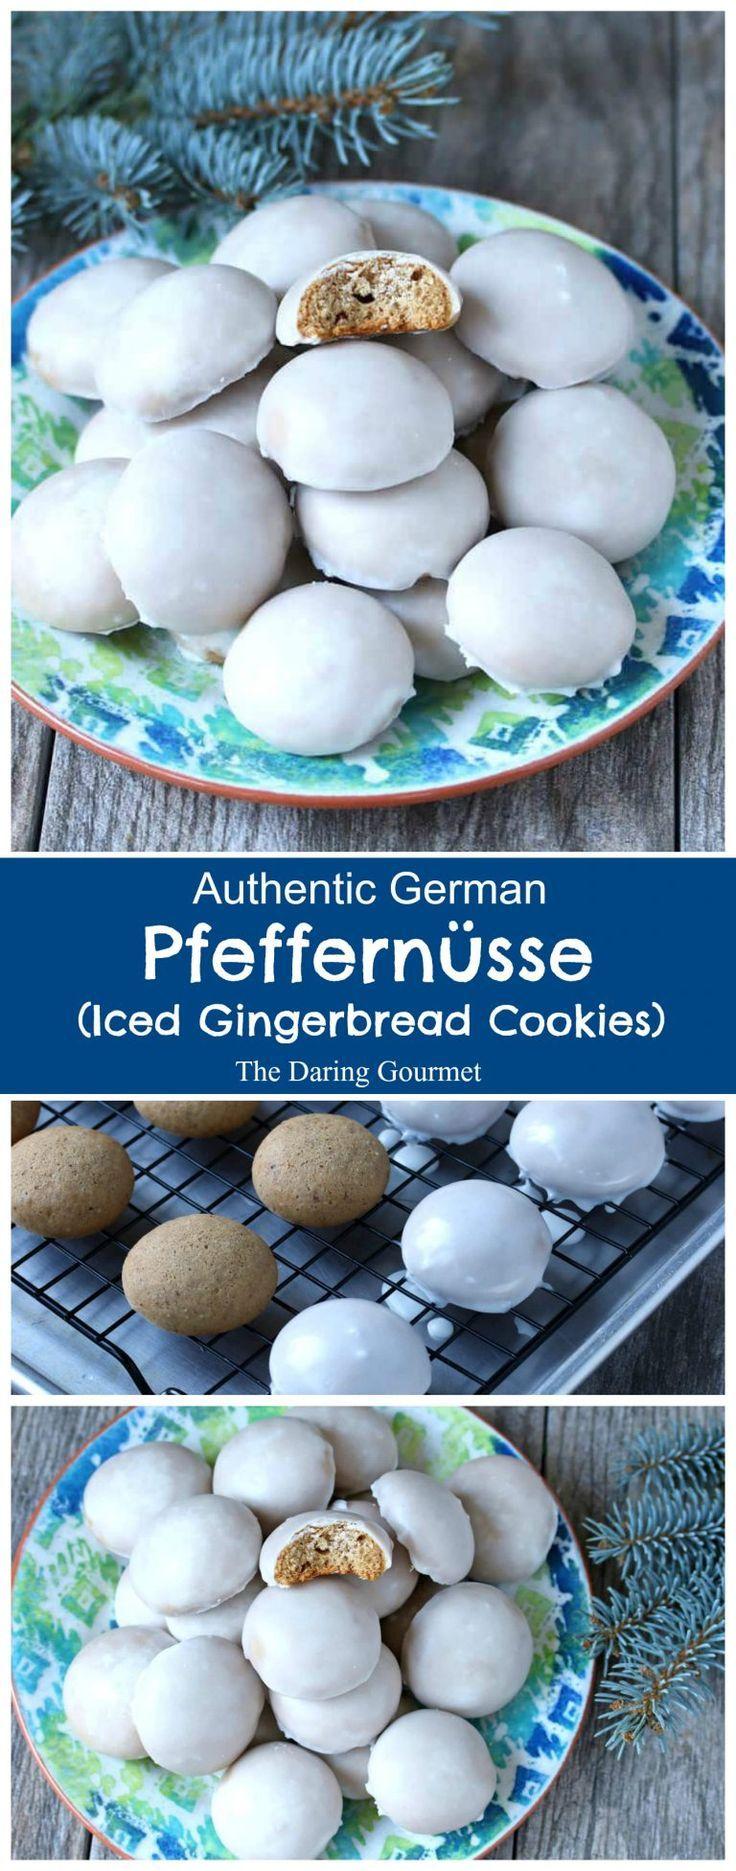 Pfeffernüsse (German Iced Gingerbread Cookies)